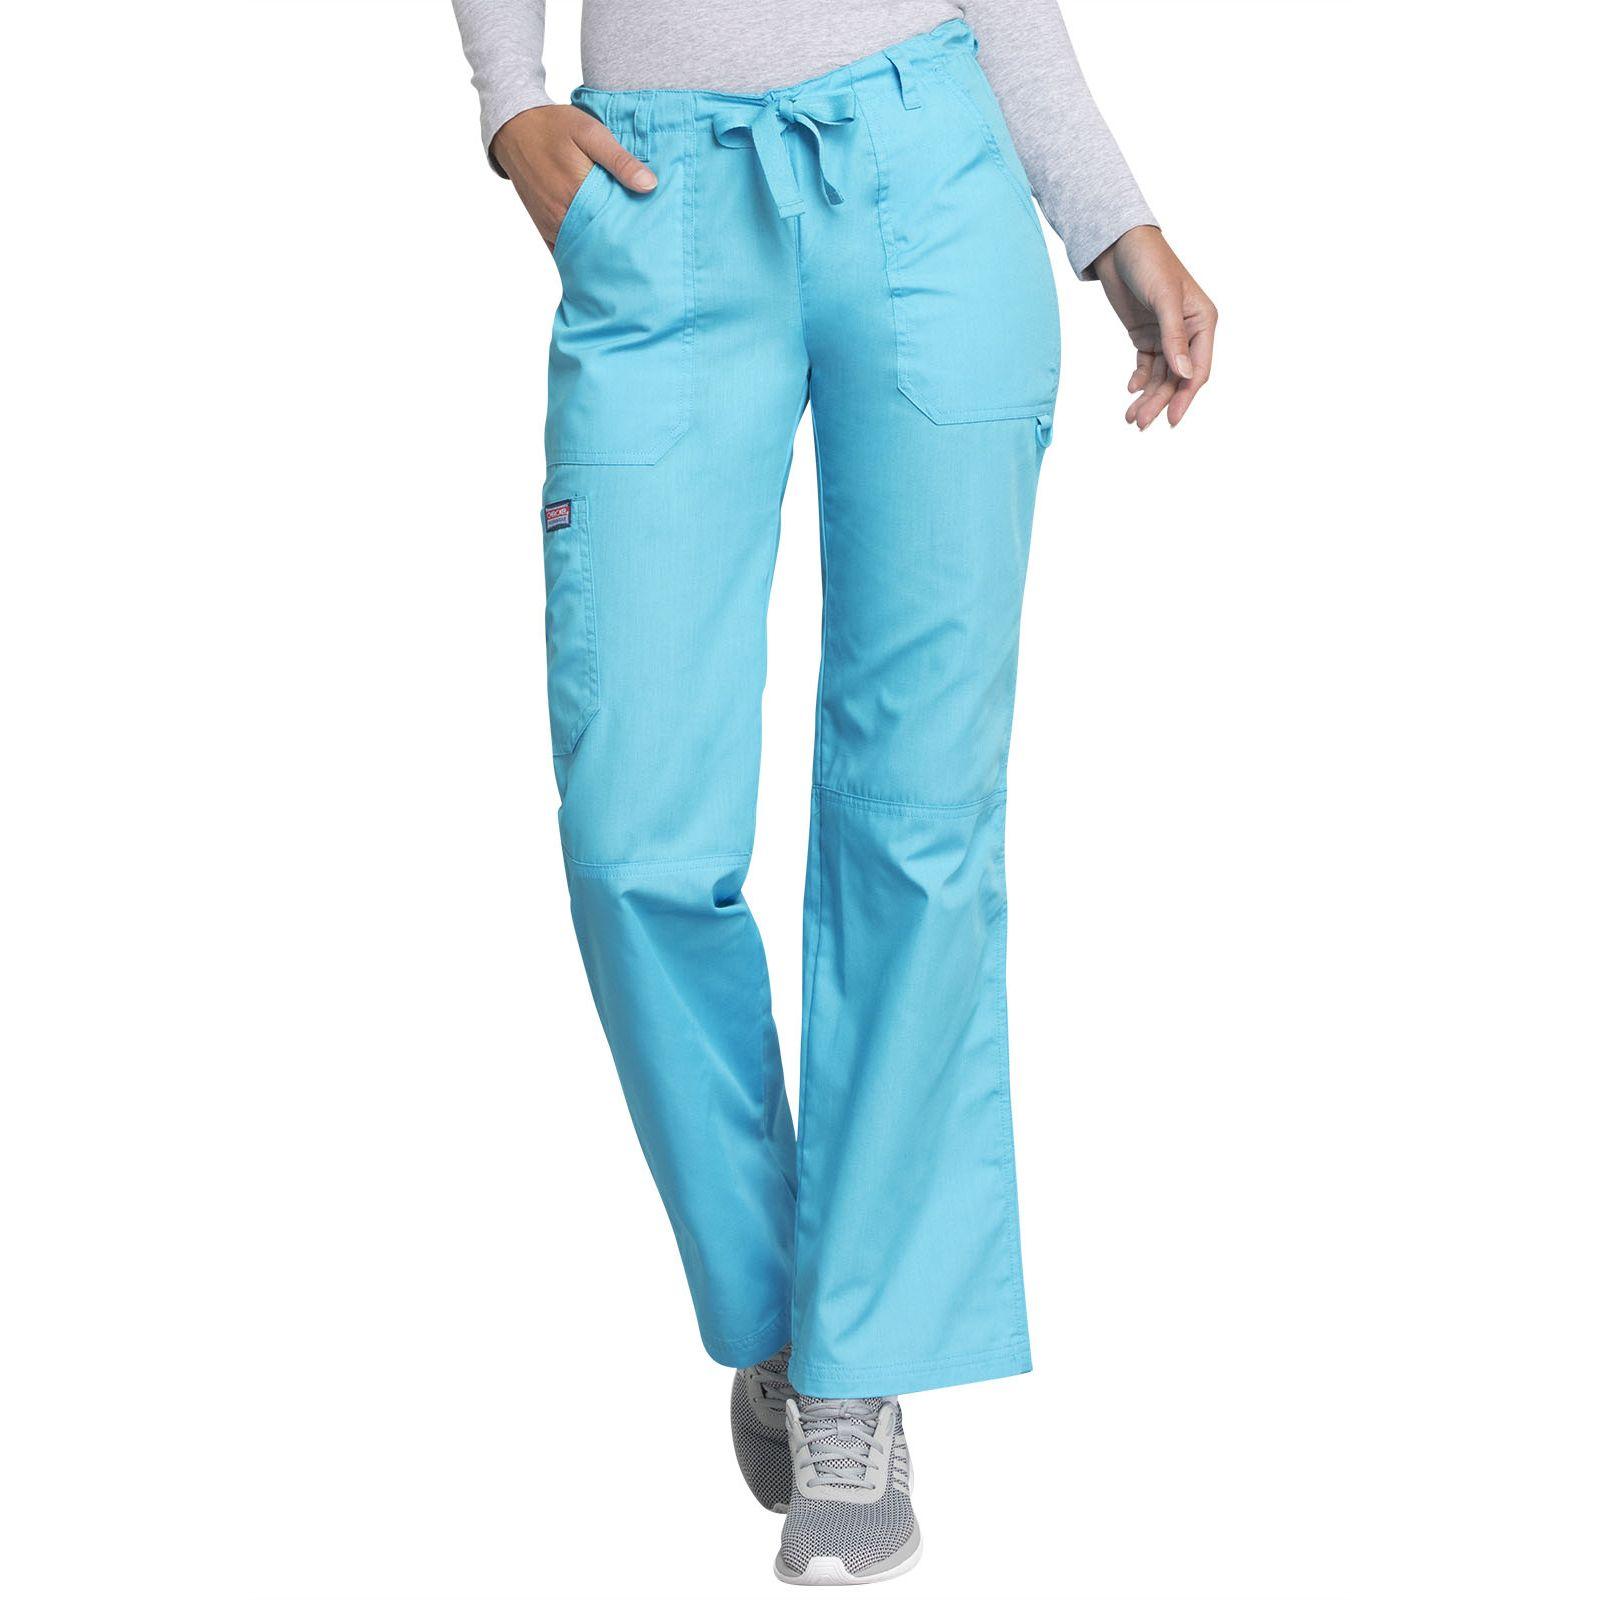 Pantalon médical Femme cordon et élastique, Cherokee Workwear Originals (4020), couleur turquoise vue face